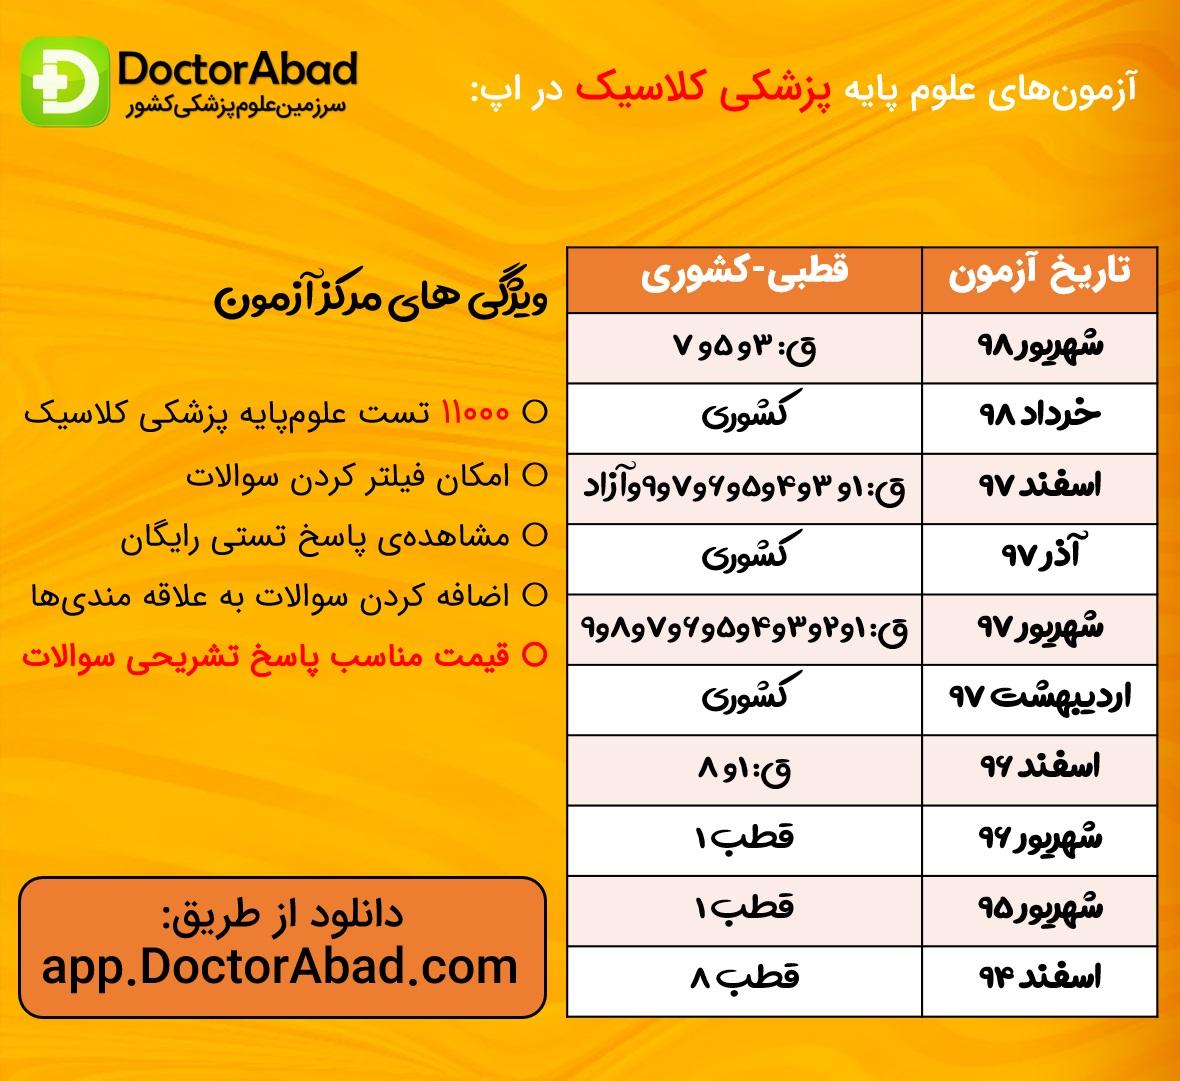 آزمون های علوم پایه پزشکی کلاسیک موجود در اپلیکیشن دکتر آباد